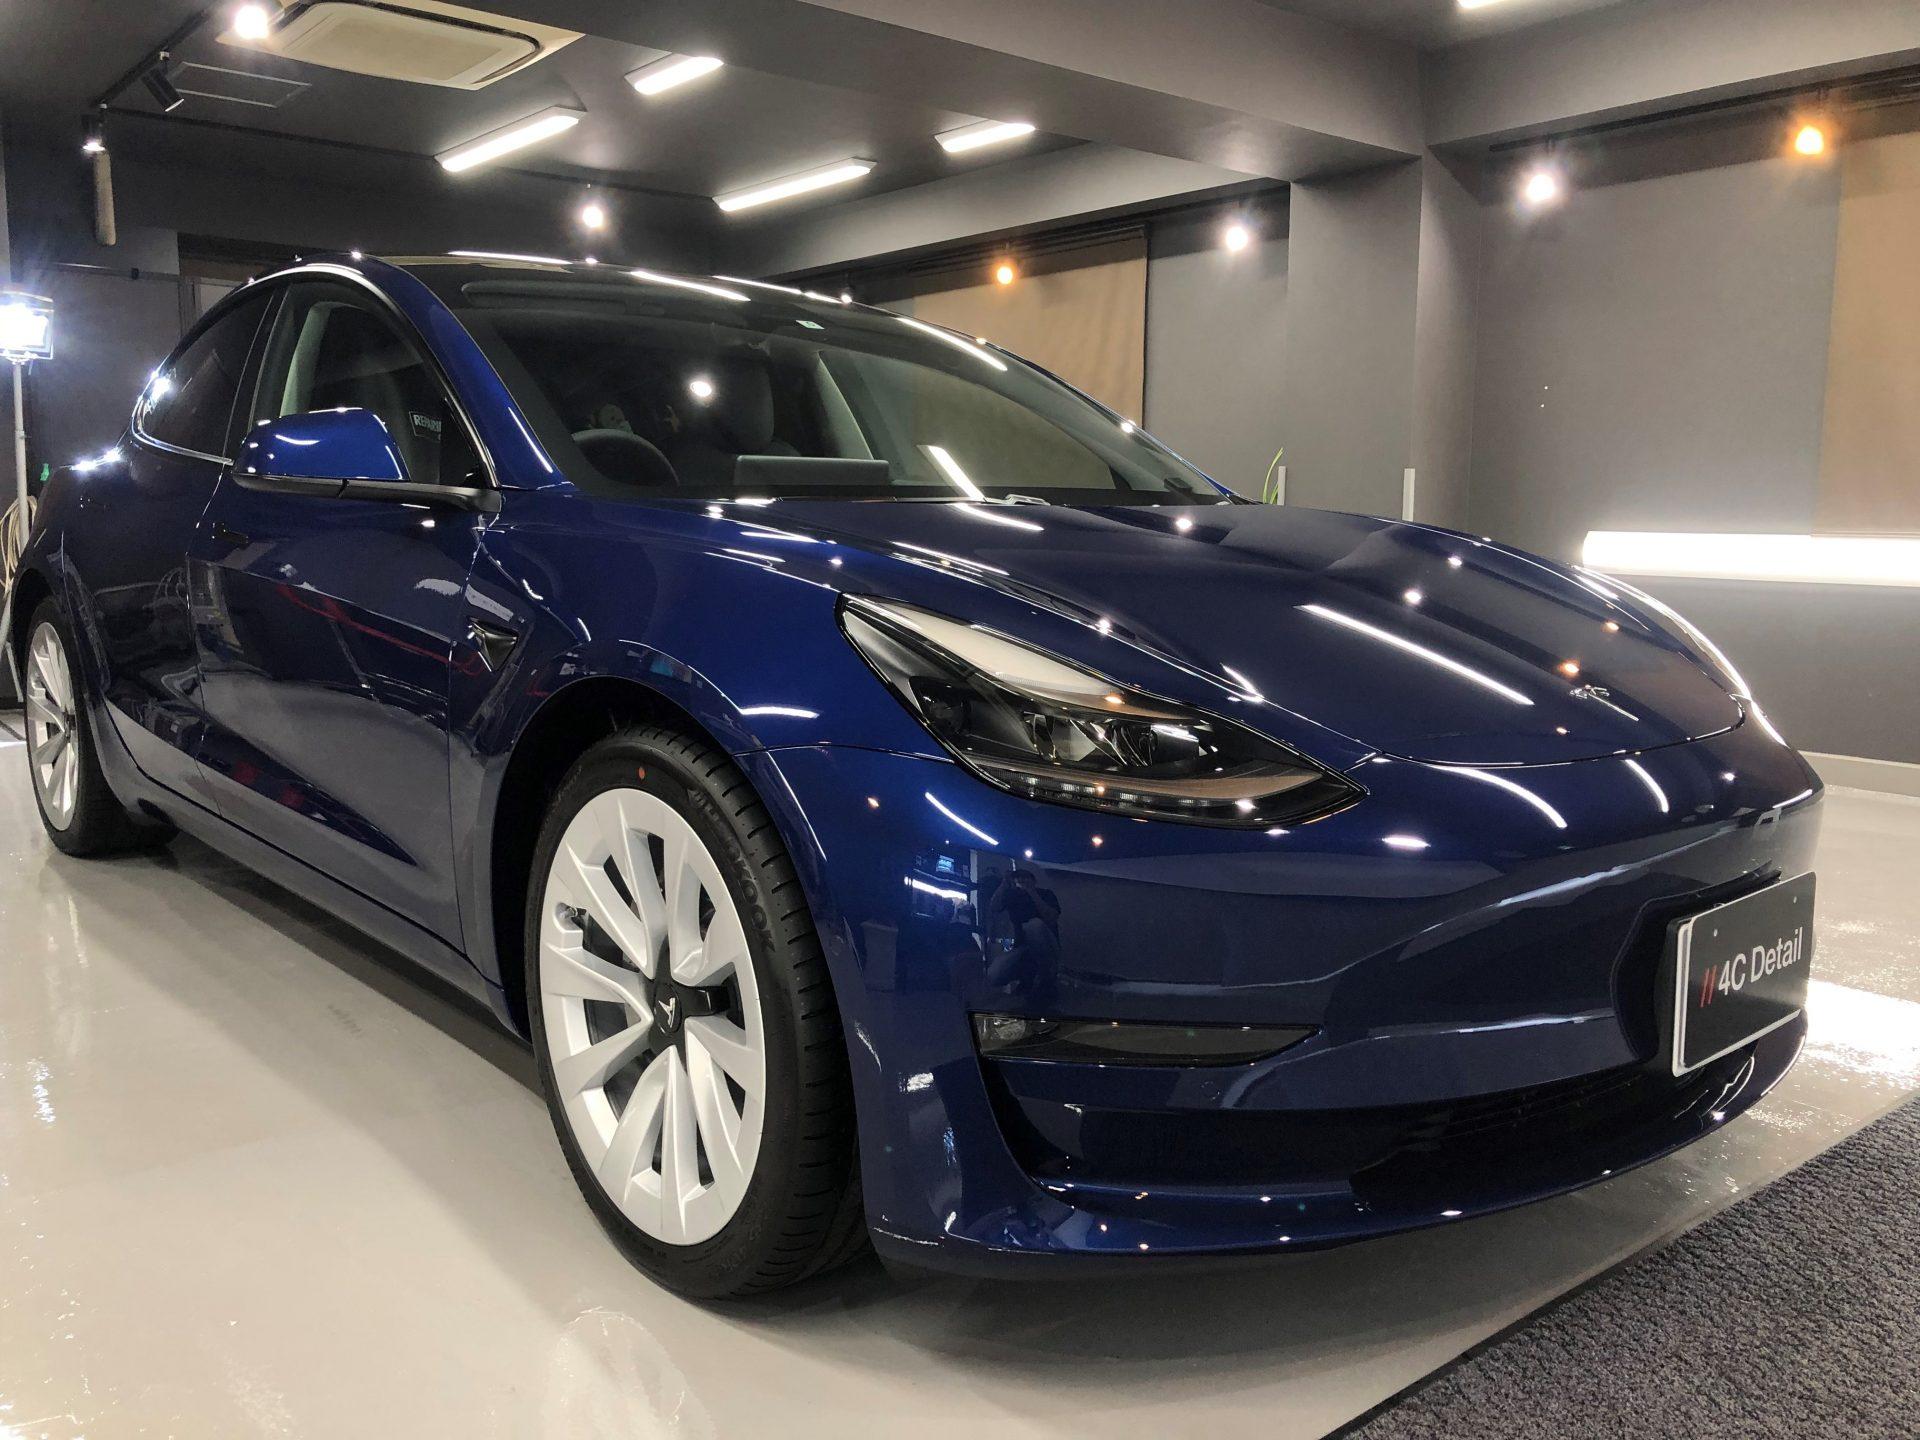 新車テスラ モデル3 最上級自己修復機能付セラミックコーティング FEYNLABヒールプラス 横浜市港北区